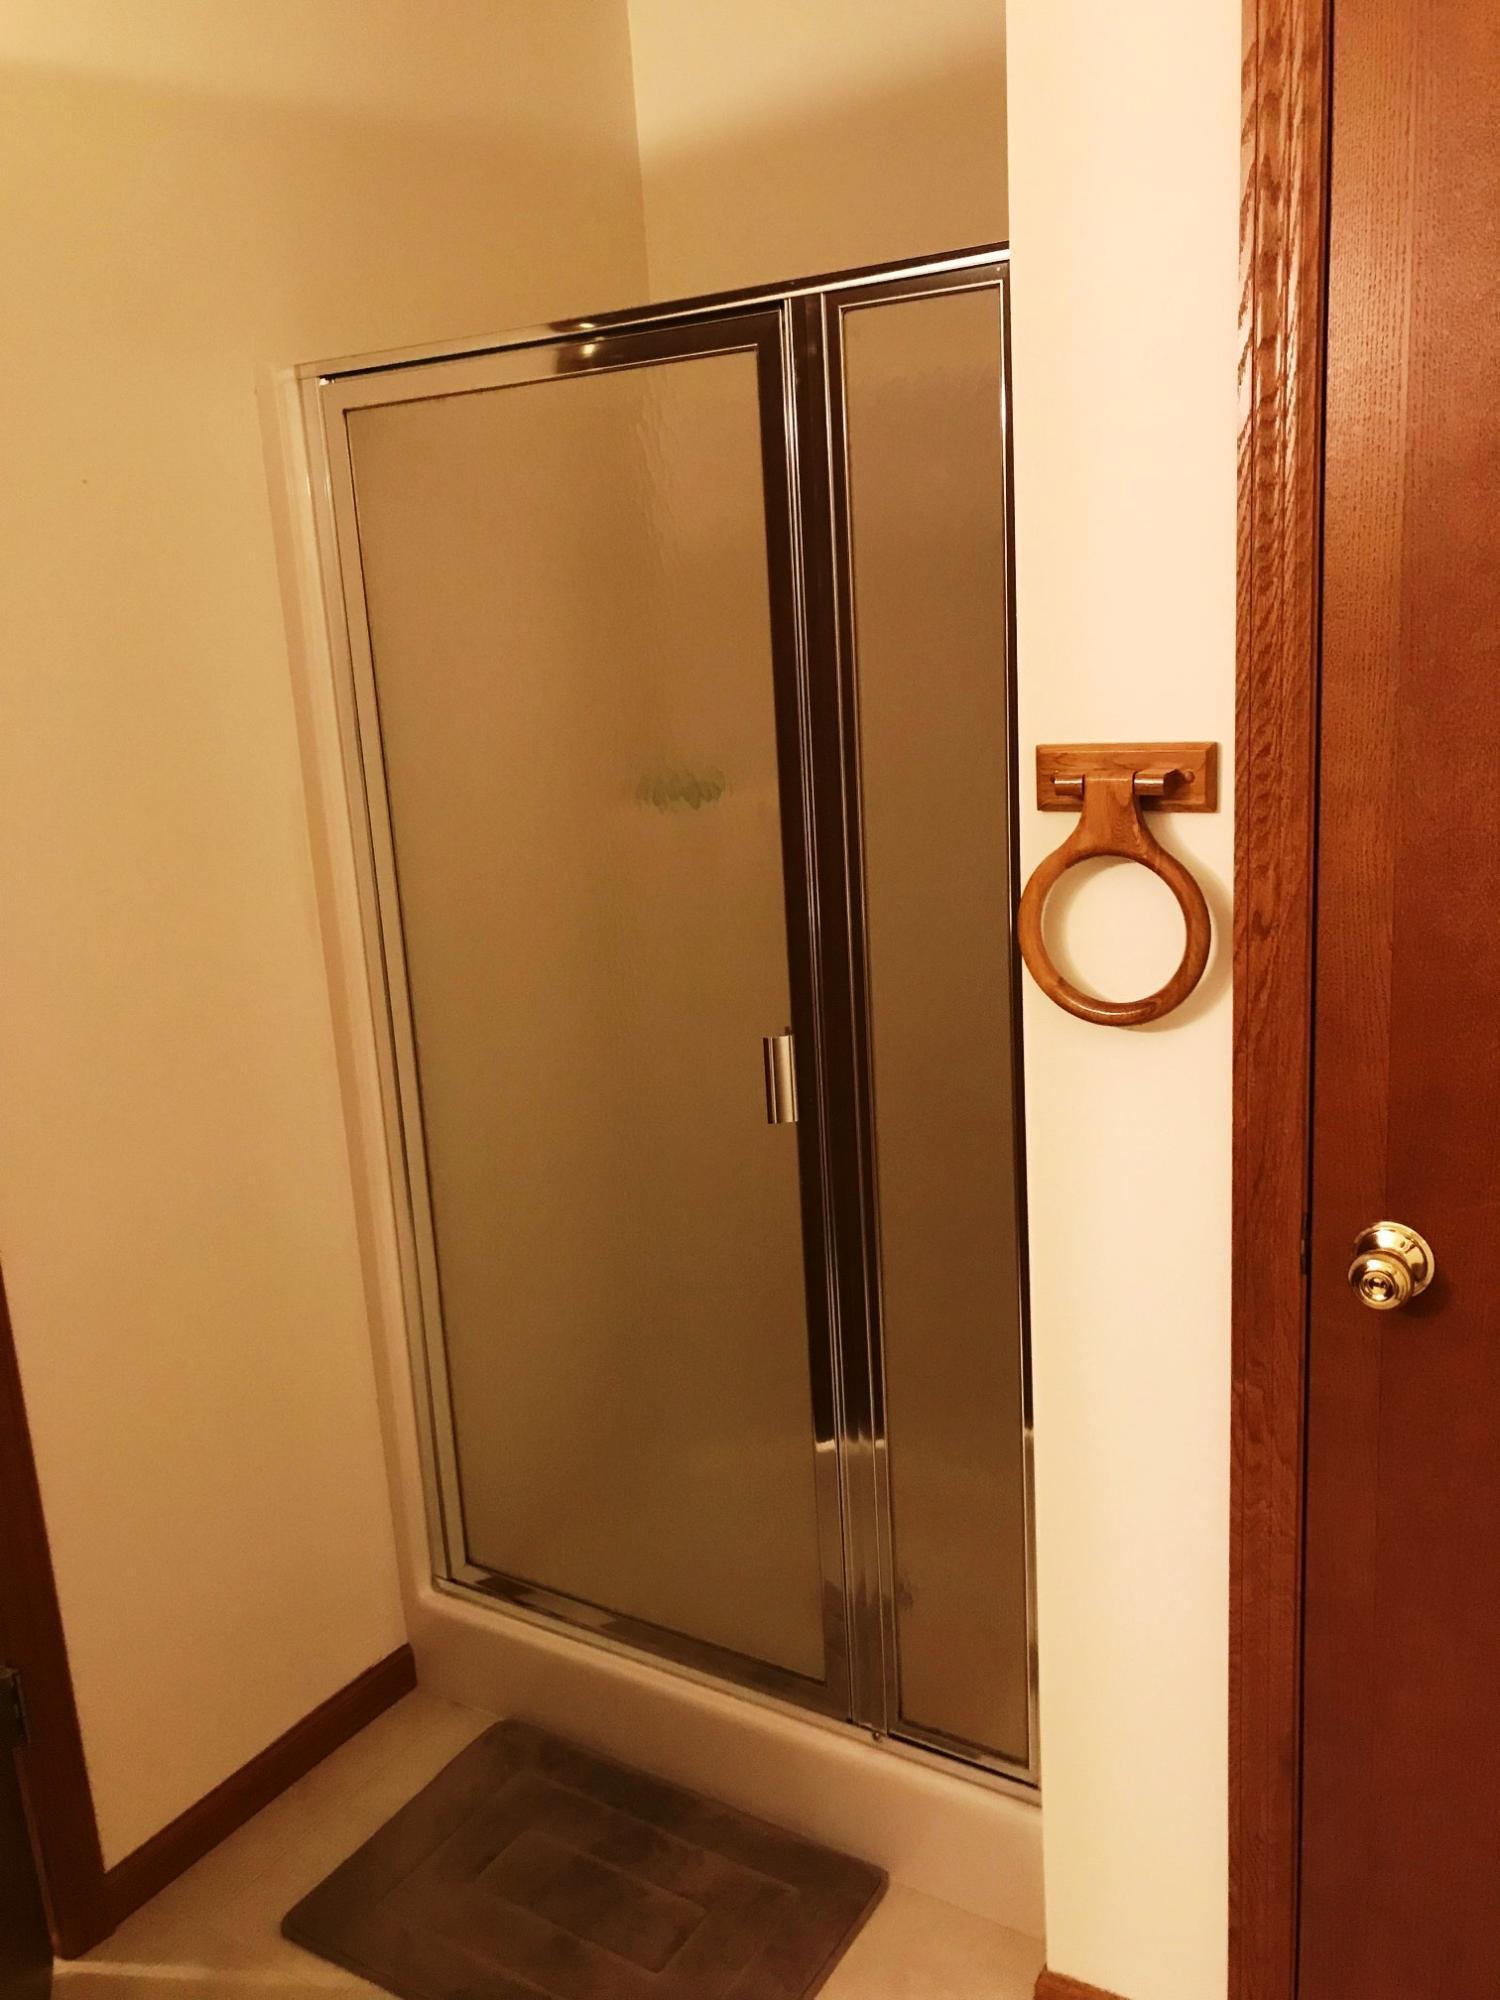 954 Oconomowoc Pkwy, Oconomowoc, Wisconsin 53066, 2 Bedrooms Bedrooms, ,2 BathroomsBathrooms,Condominiums,For Sale,Oconomowoc Pkwy,1,1610186